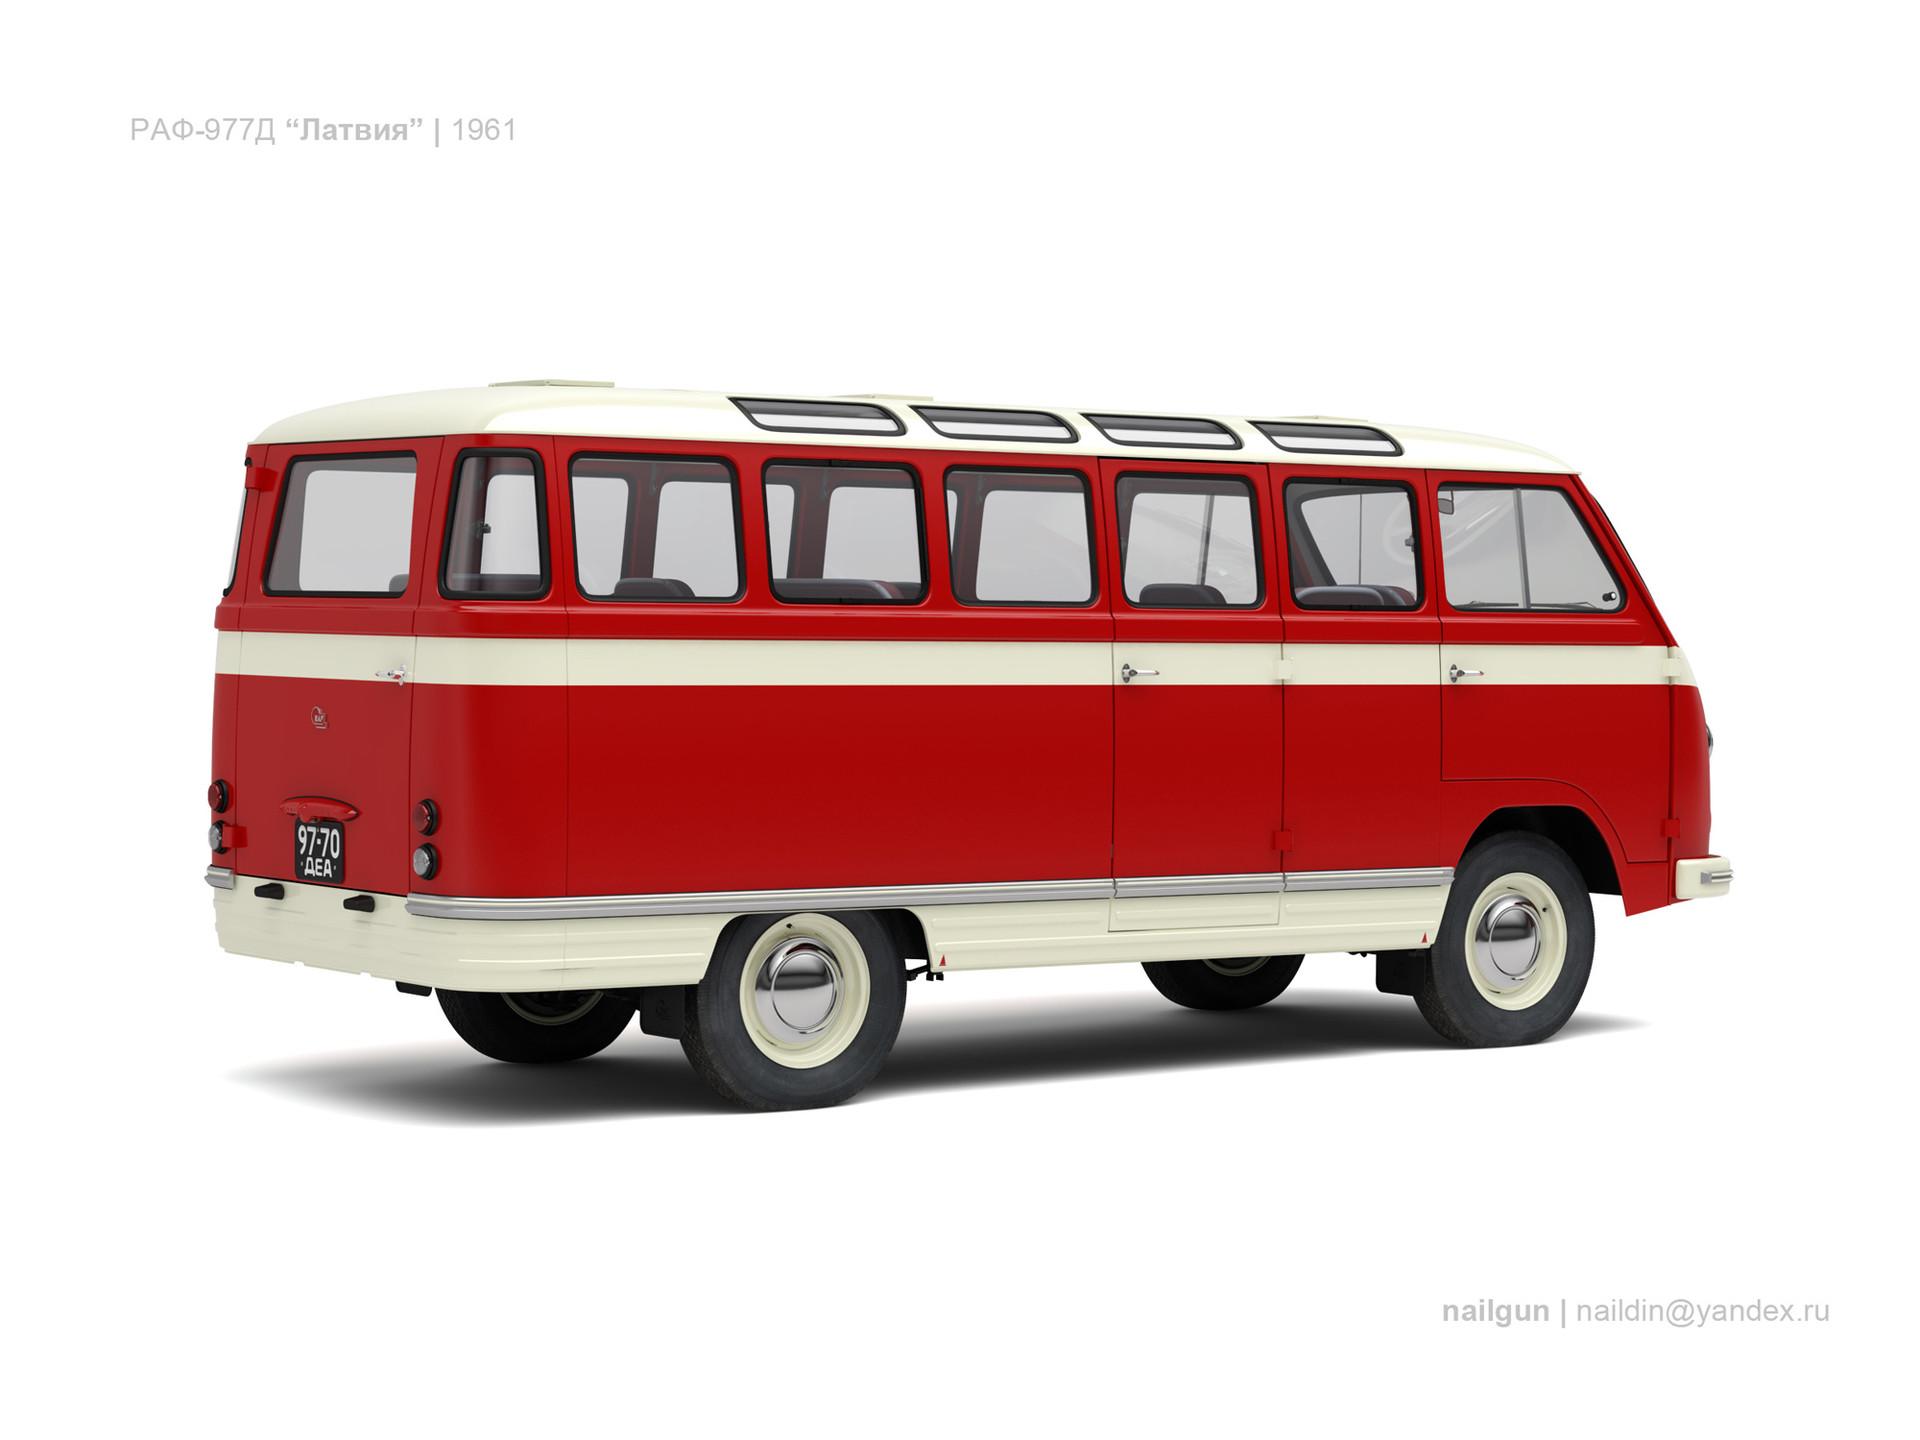 Nail khusnutdinov sw raf 977d latvija 1961 0